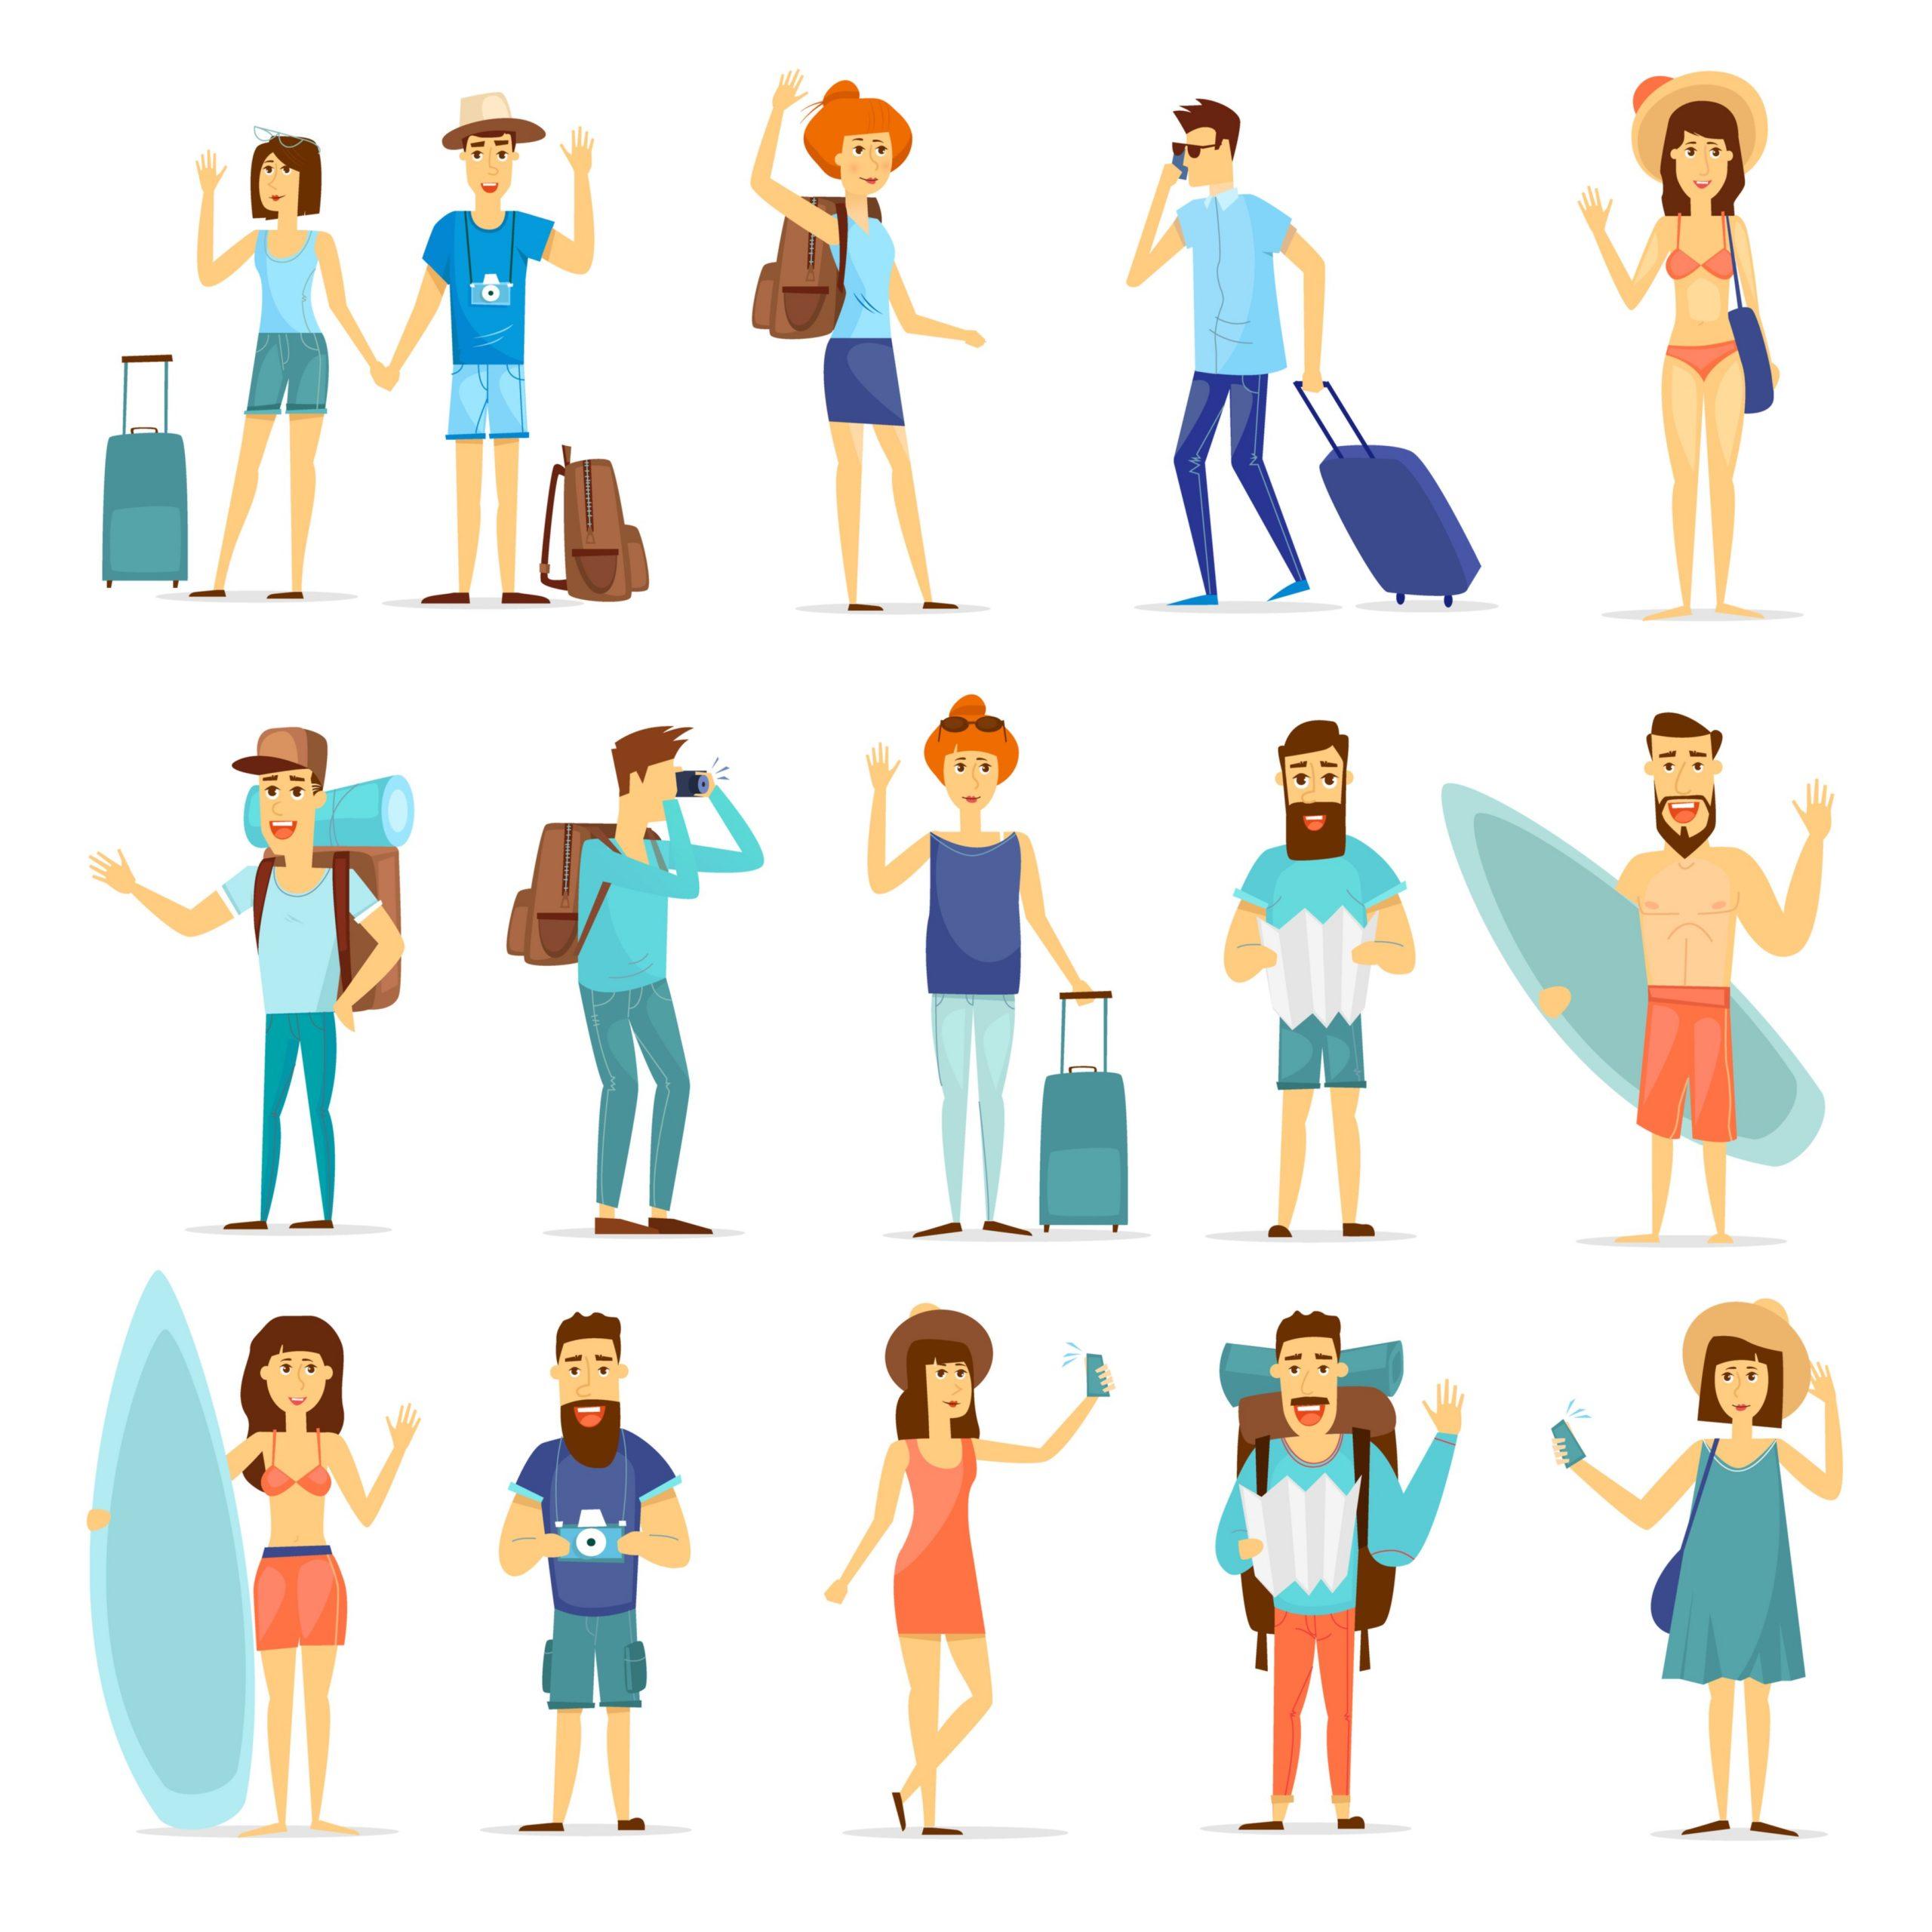 Vacanze di coppia: meglio con o senza amici?